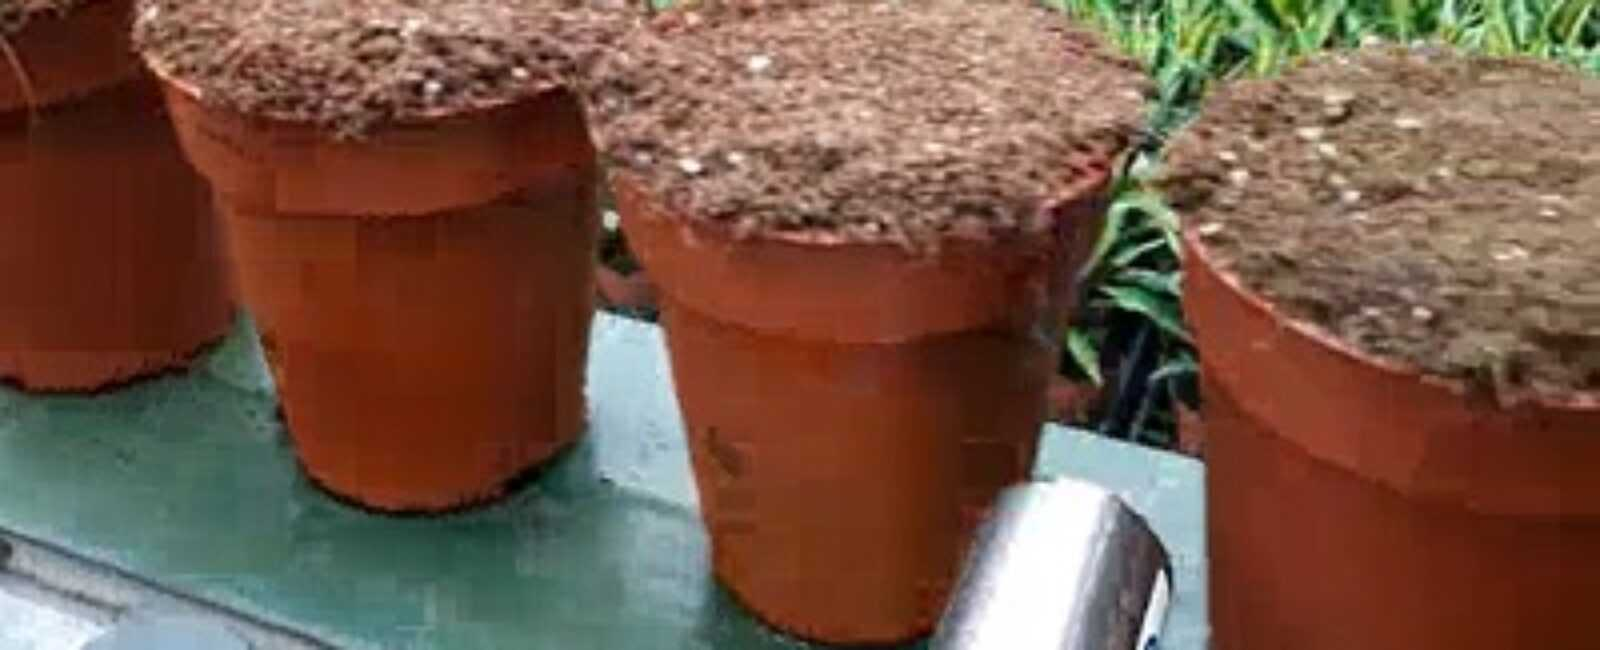 plantenpaspoort aanbrengen op plastic plantenpotjes